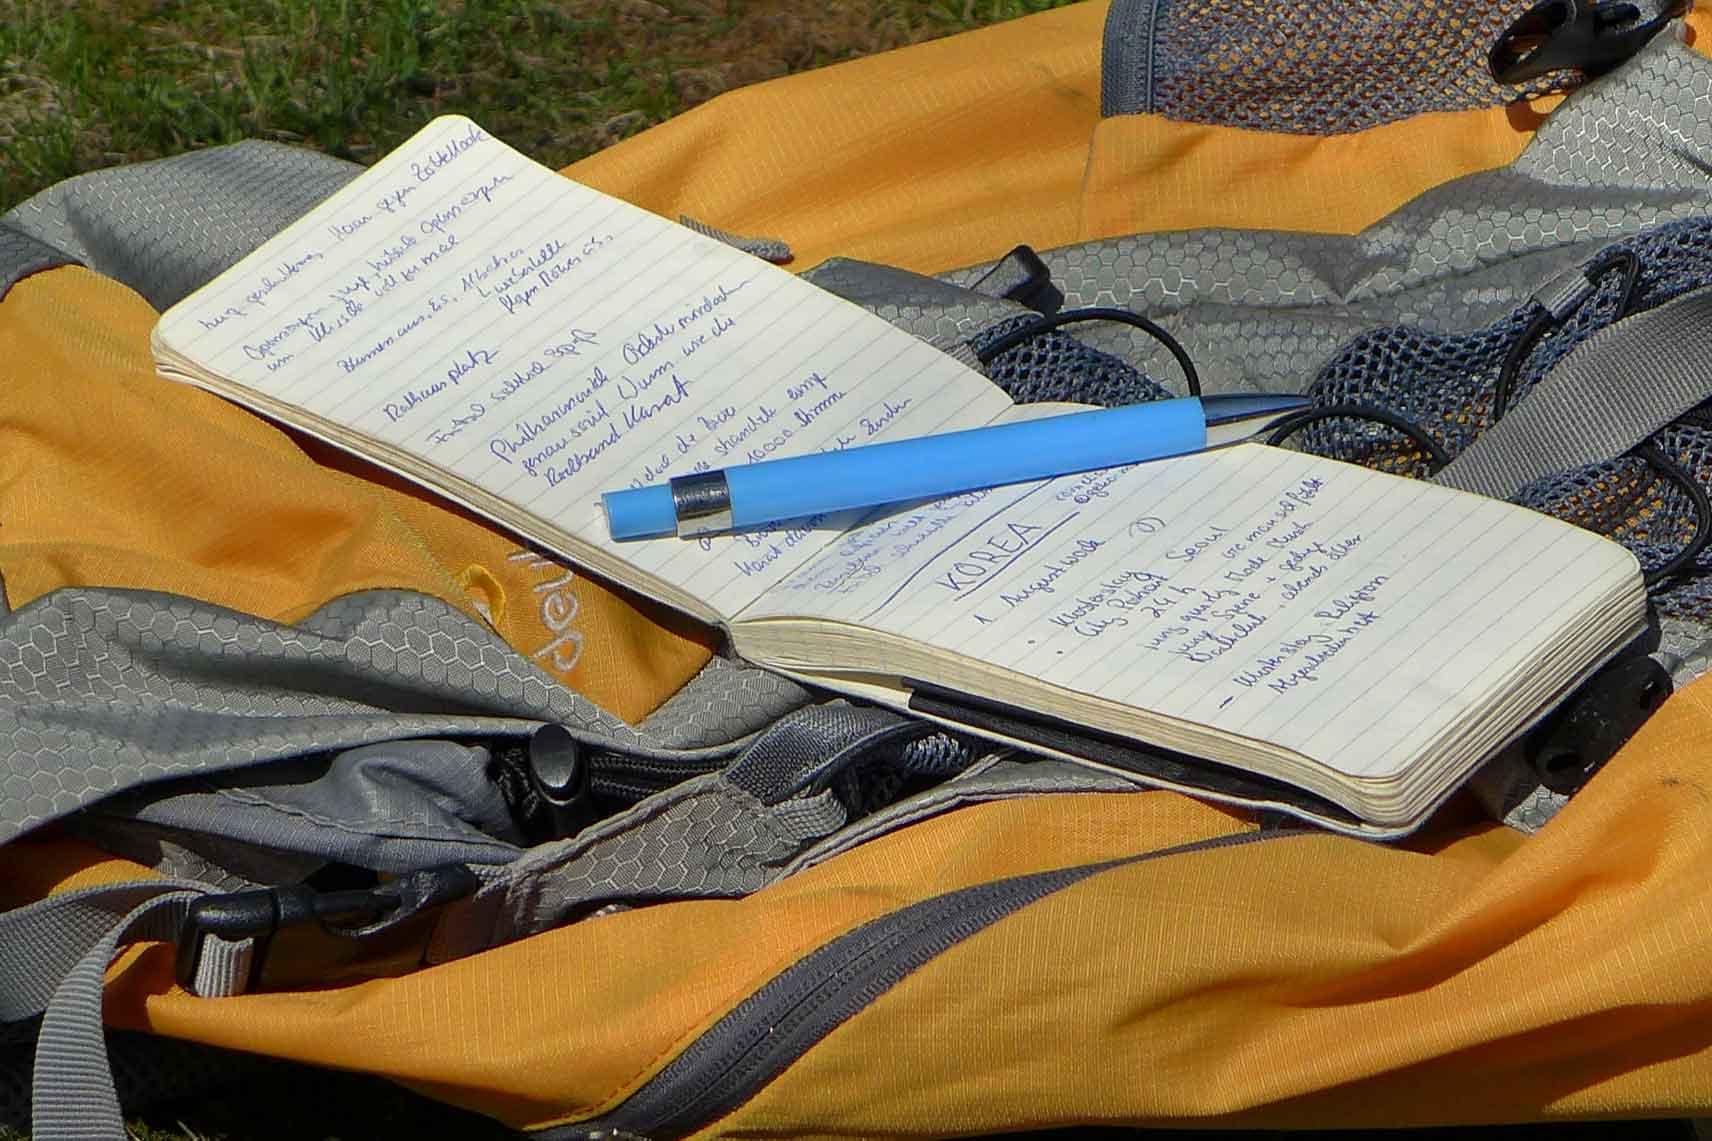 Ein aufgeschlagenes Reporter-Moleskine auf einem Rucksack